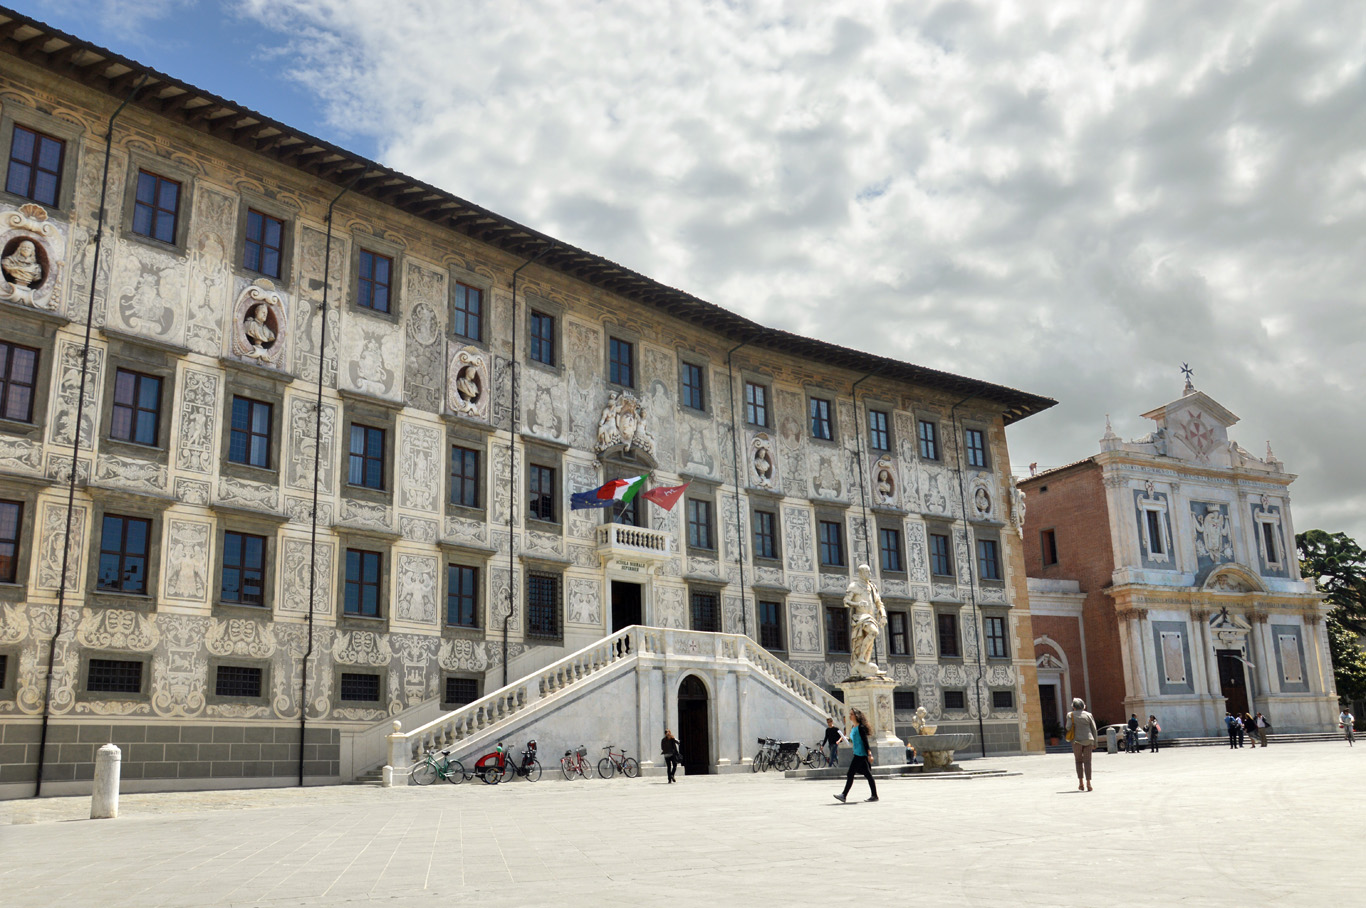 Palazzo della Carovana